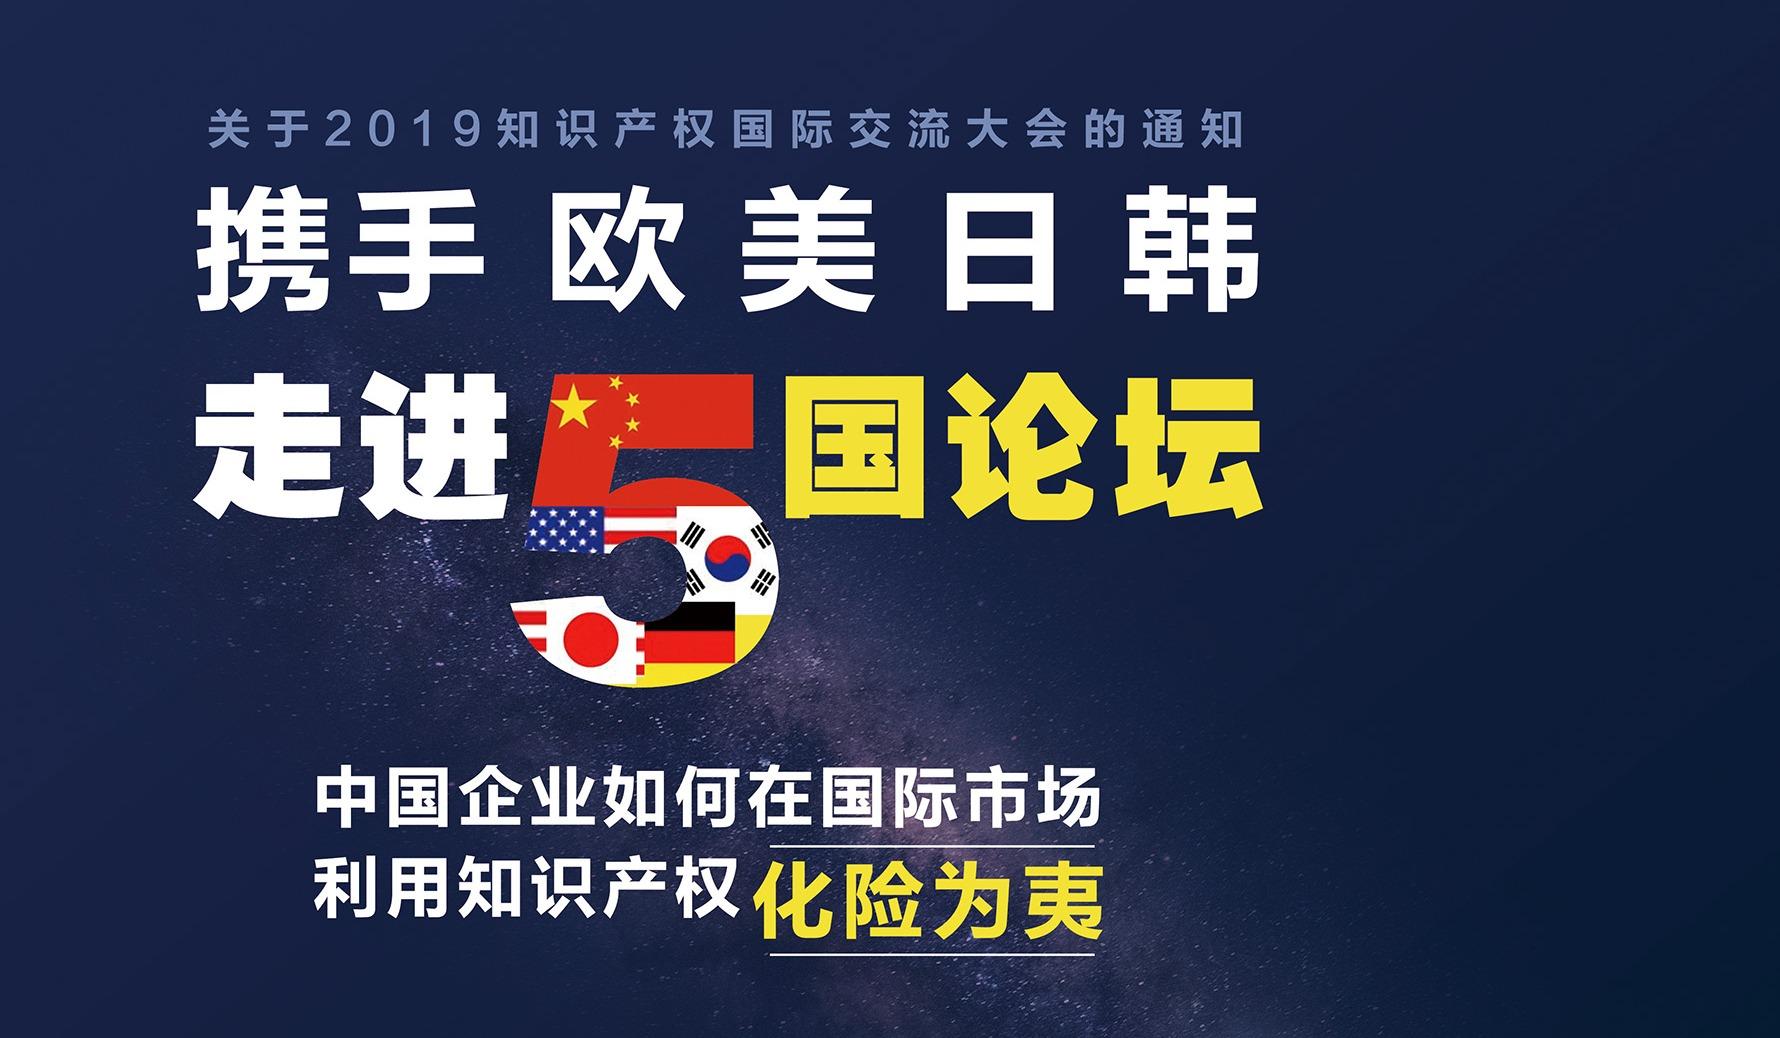 """活动预告""""携手欧美日韩,走进五国论坛""""-中国企业如何在国际市场利用知识产权化险为夷?"""